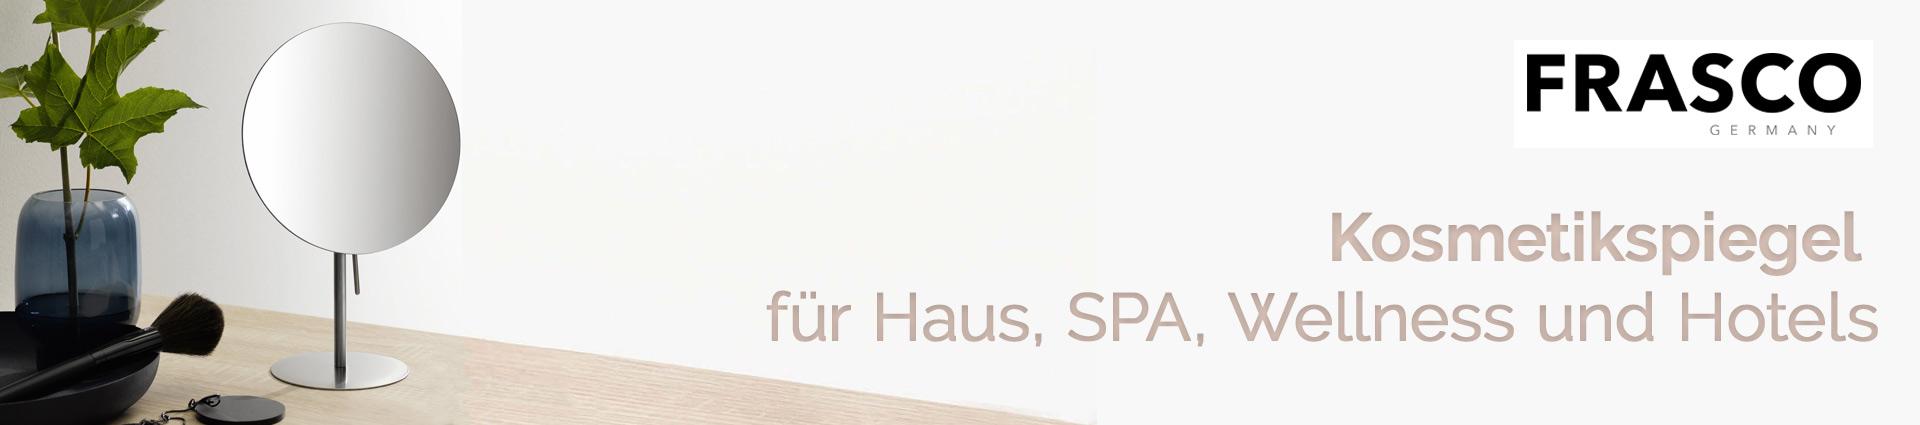 Frasco Kosmetikspiegel Banner